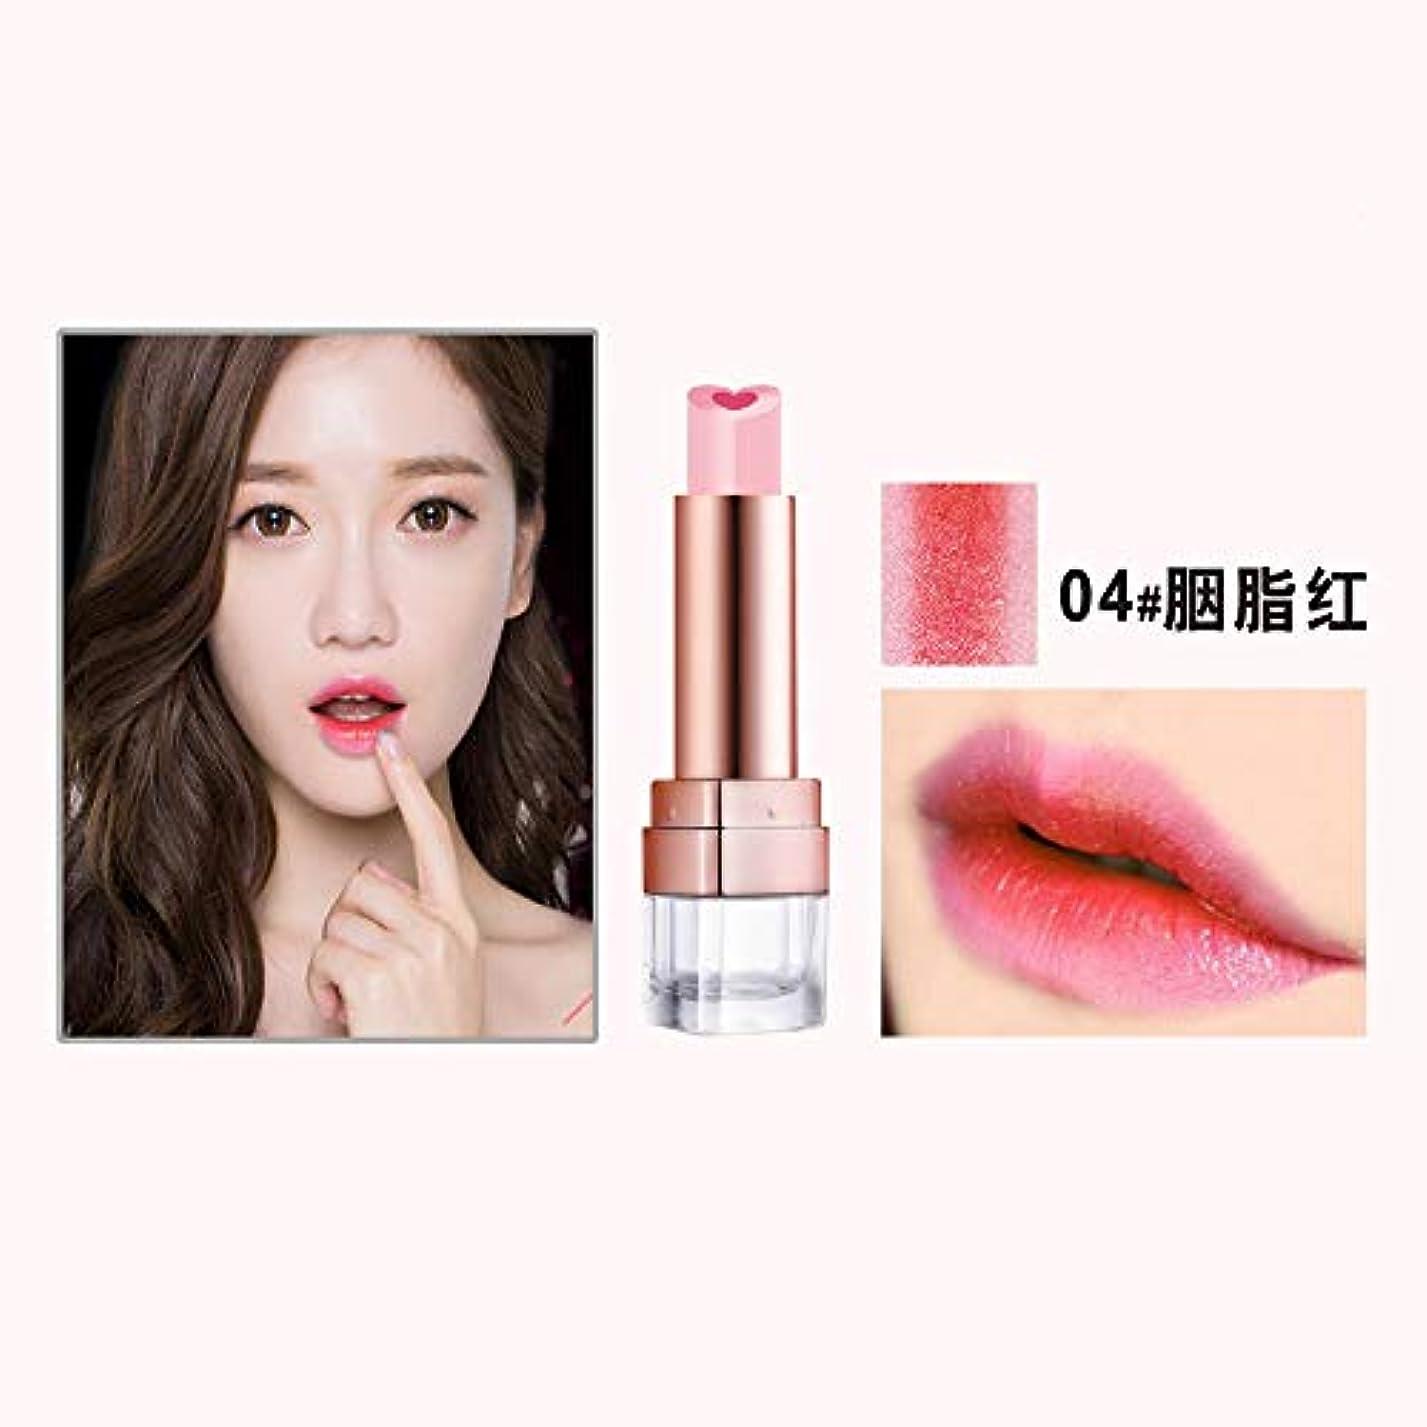 ペレットパンチ延ばす口紅 リップスティック 唇のメイクをかむ 人気 3D 立体 二重色 落ない うるおい 6色選択可能 (04)